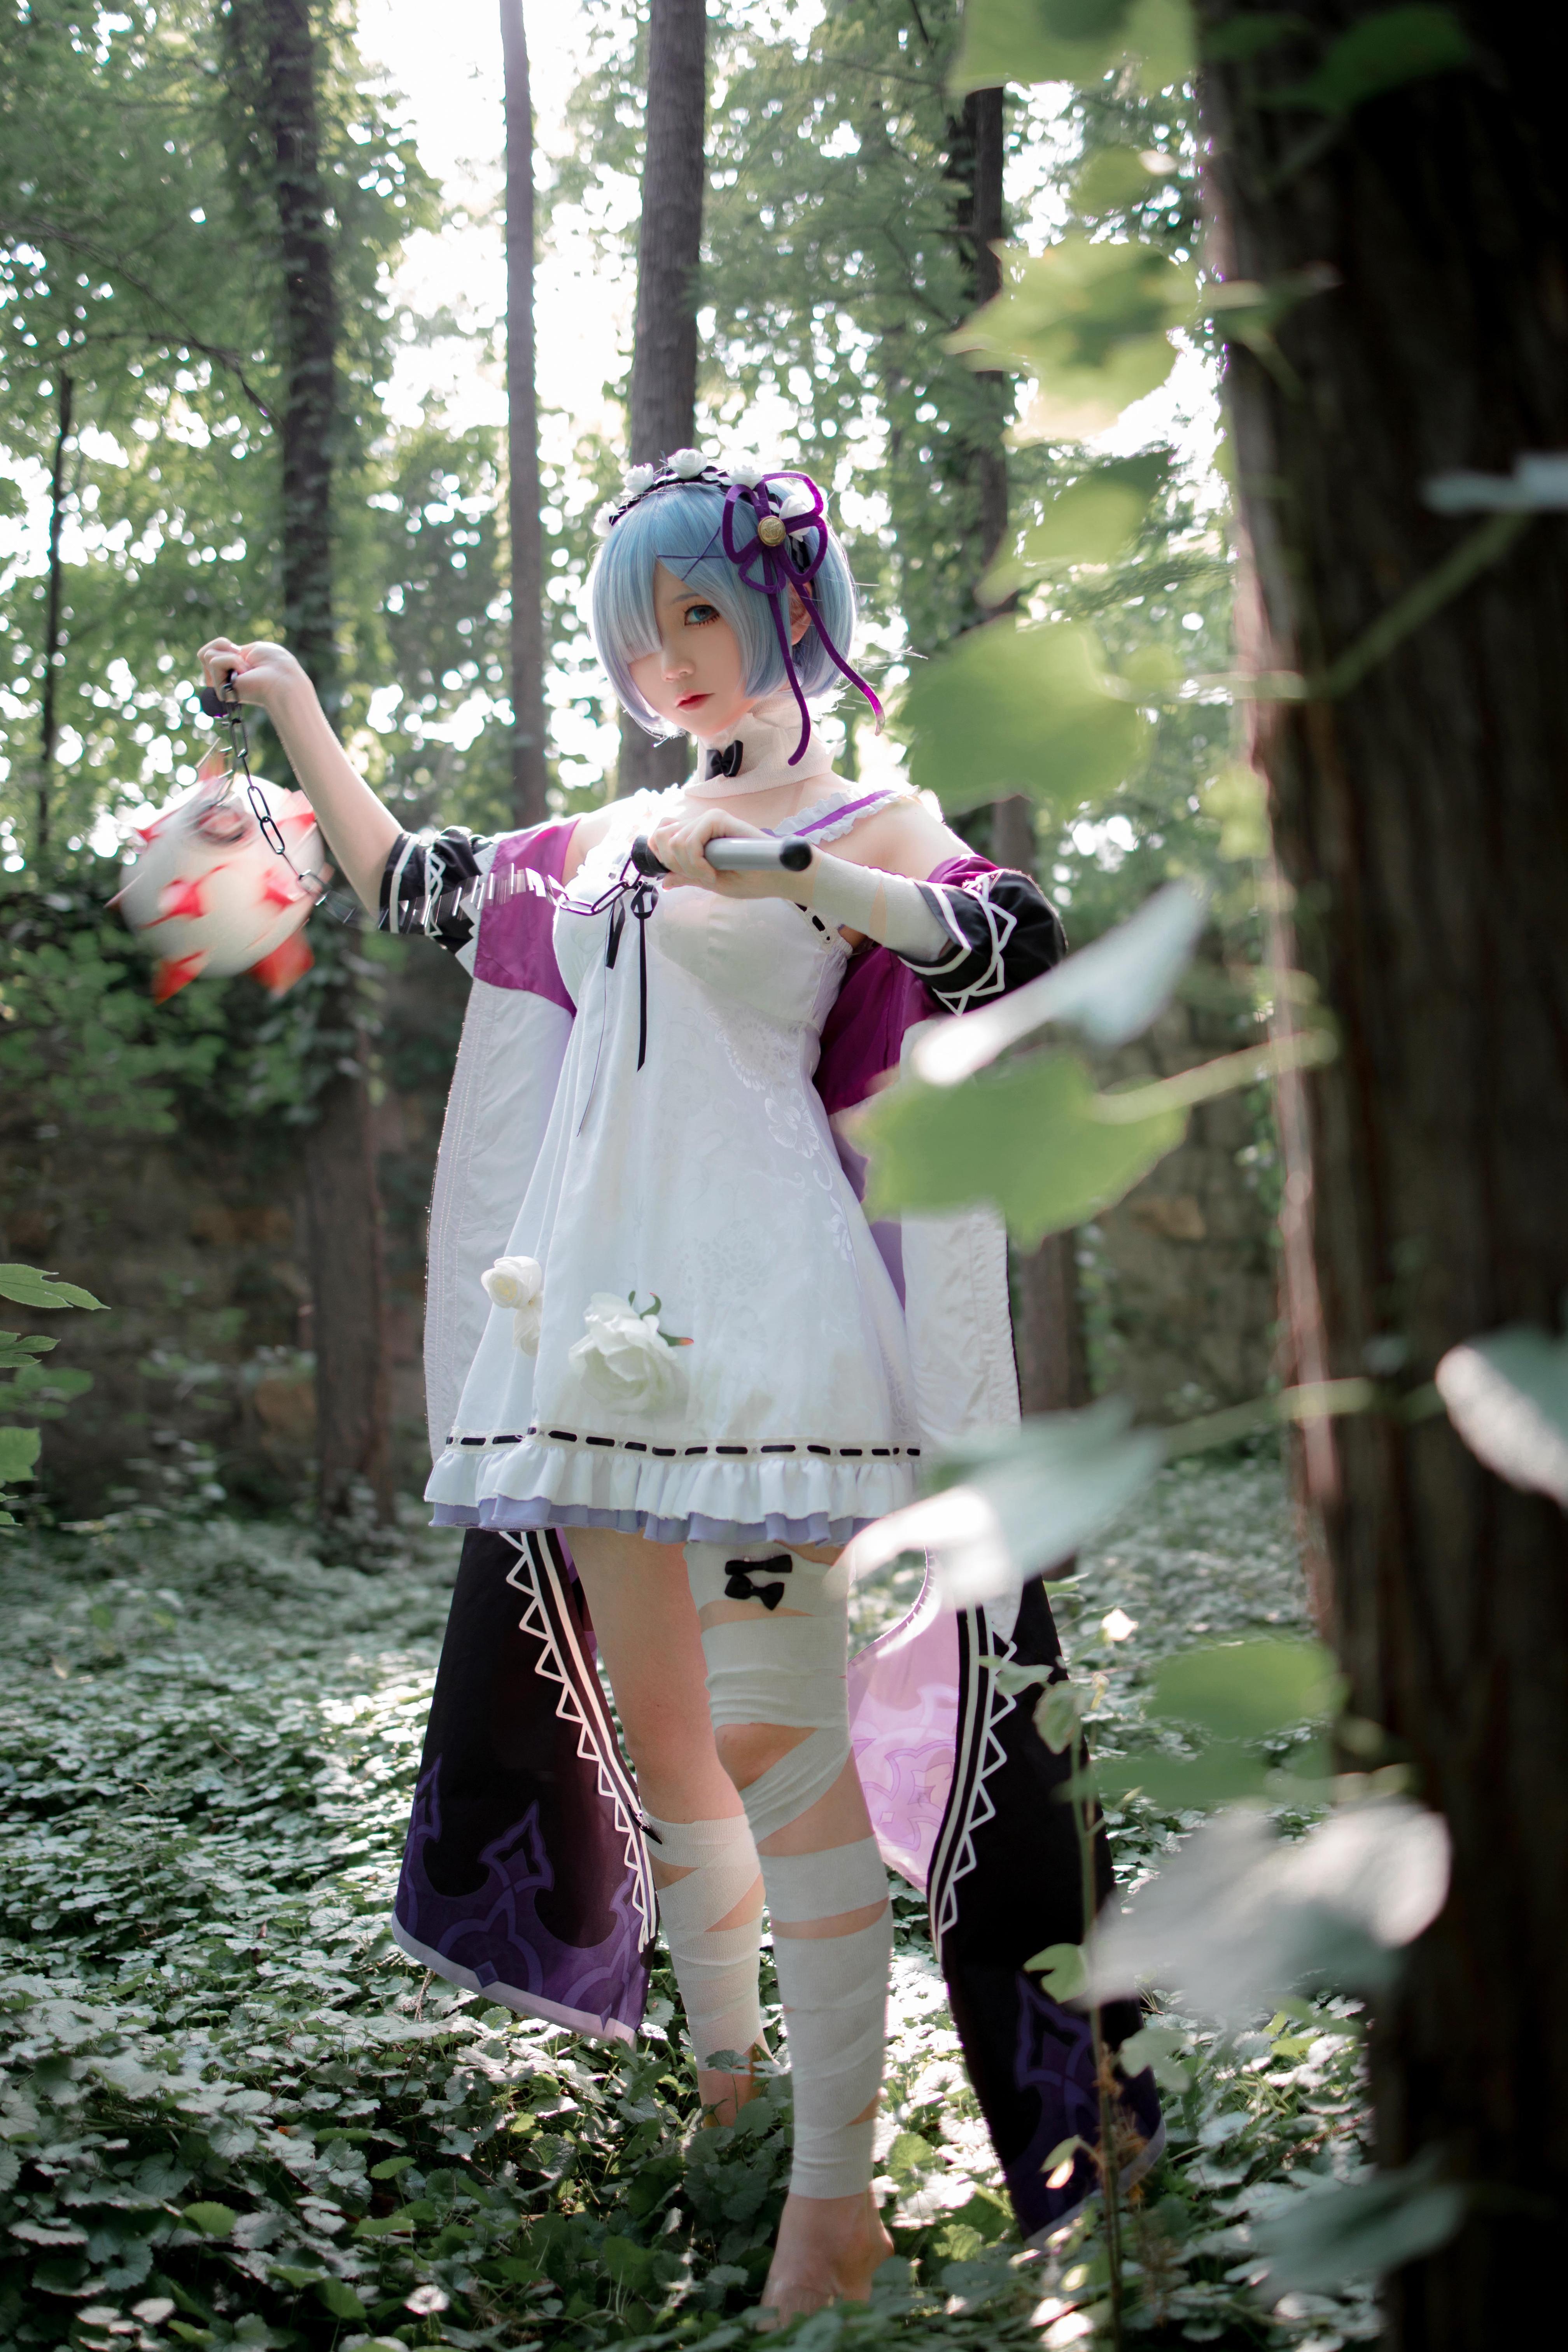 《RE:从零开始的异世界生活》蕾姆cosplay【CN:楚楚子】-第3张